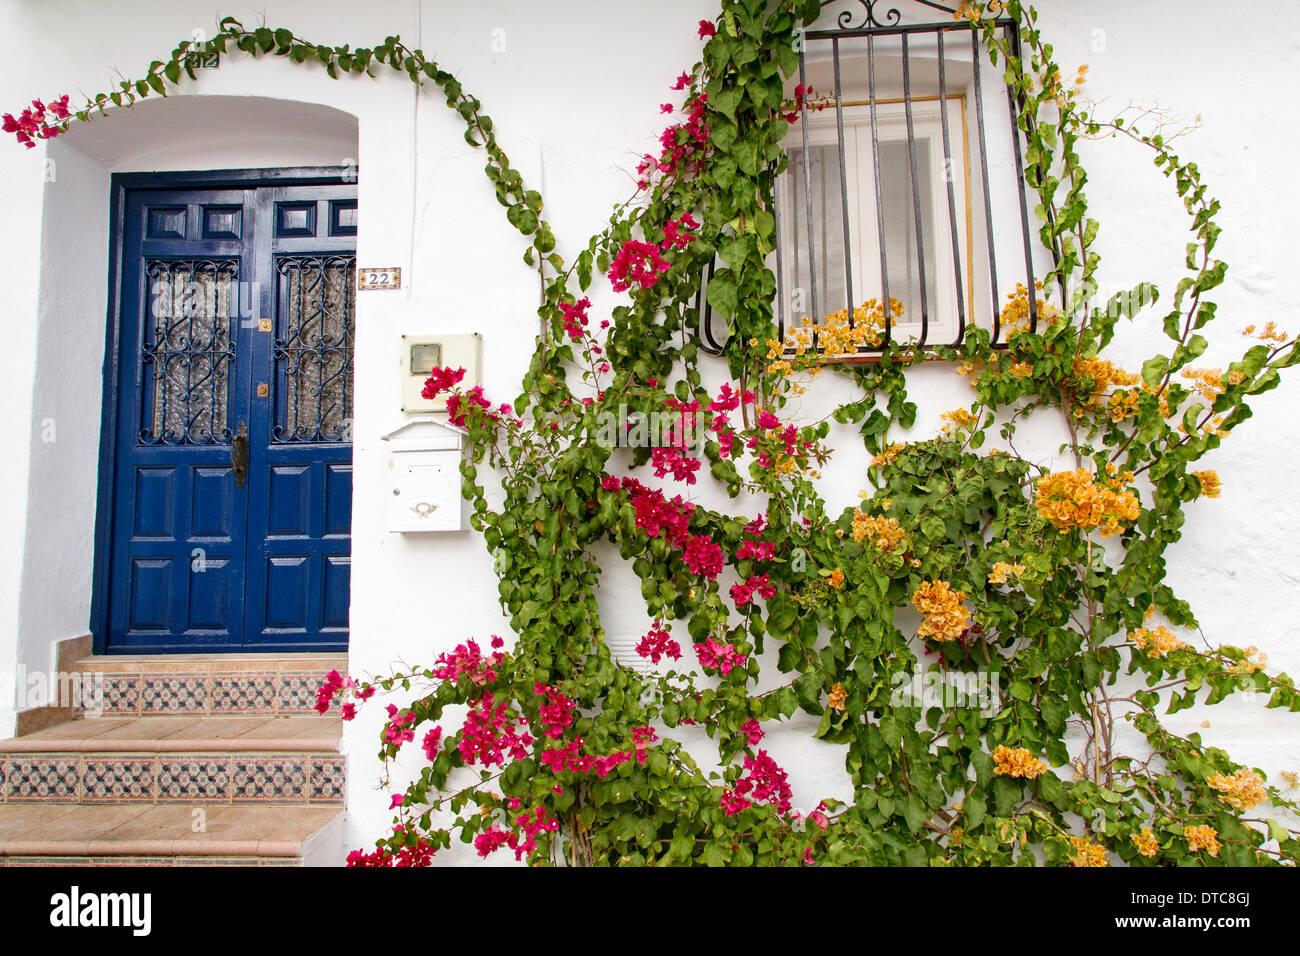 Tipica casa andalusa e blue door villaggio bianco Canillas de Albaida Axarquia Malaga Andalusia Spagna Immagini Stock